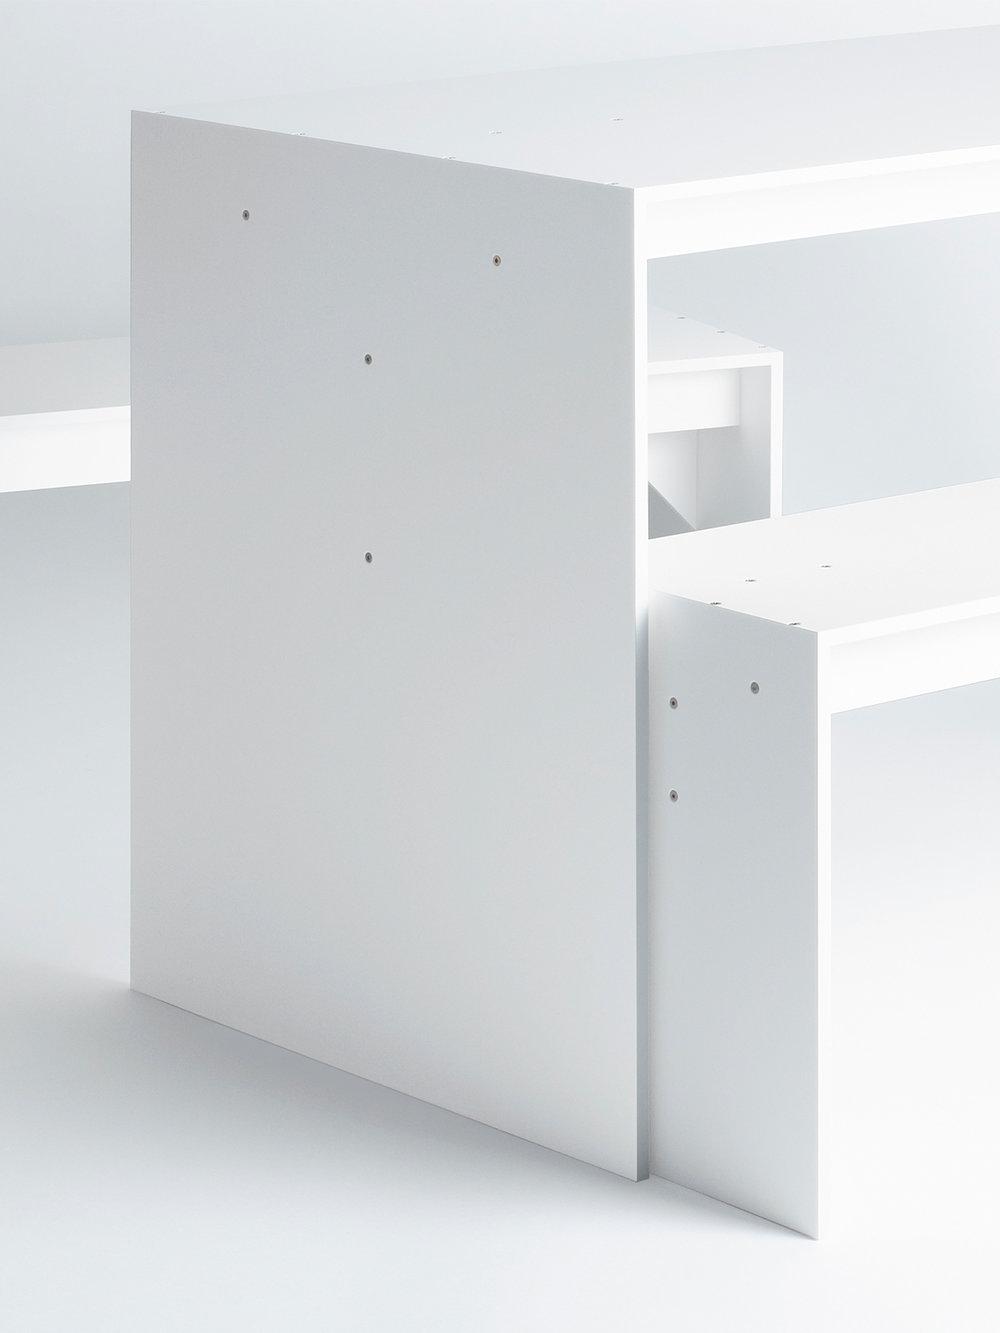 perron-white-set-2.jpg